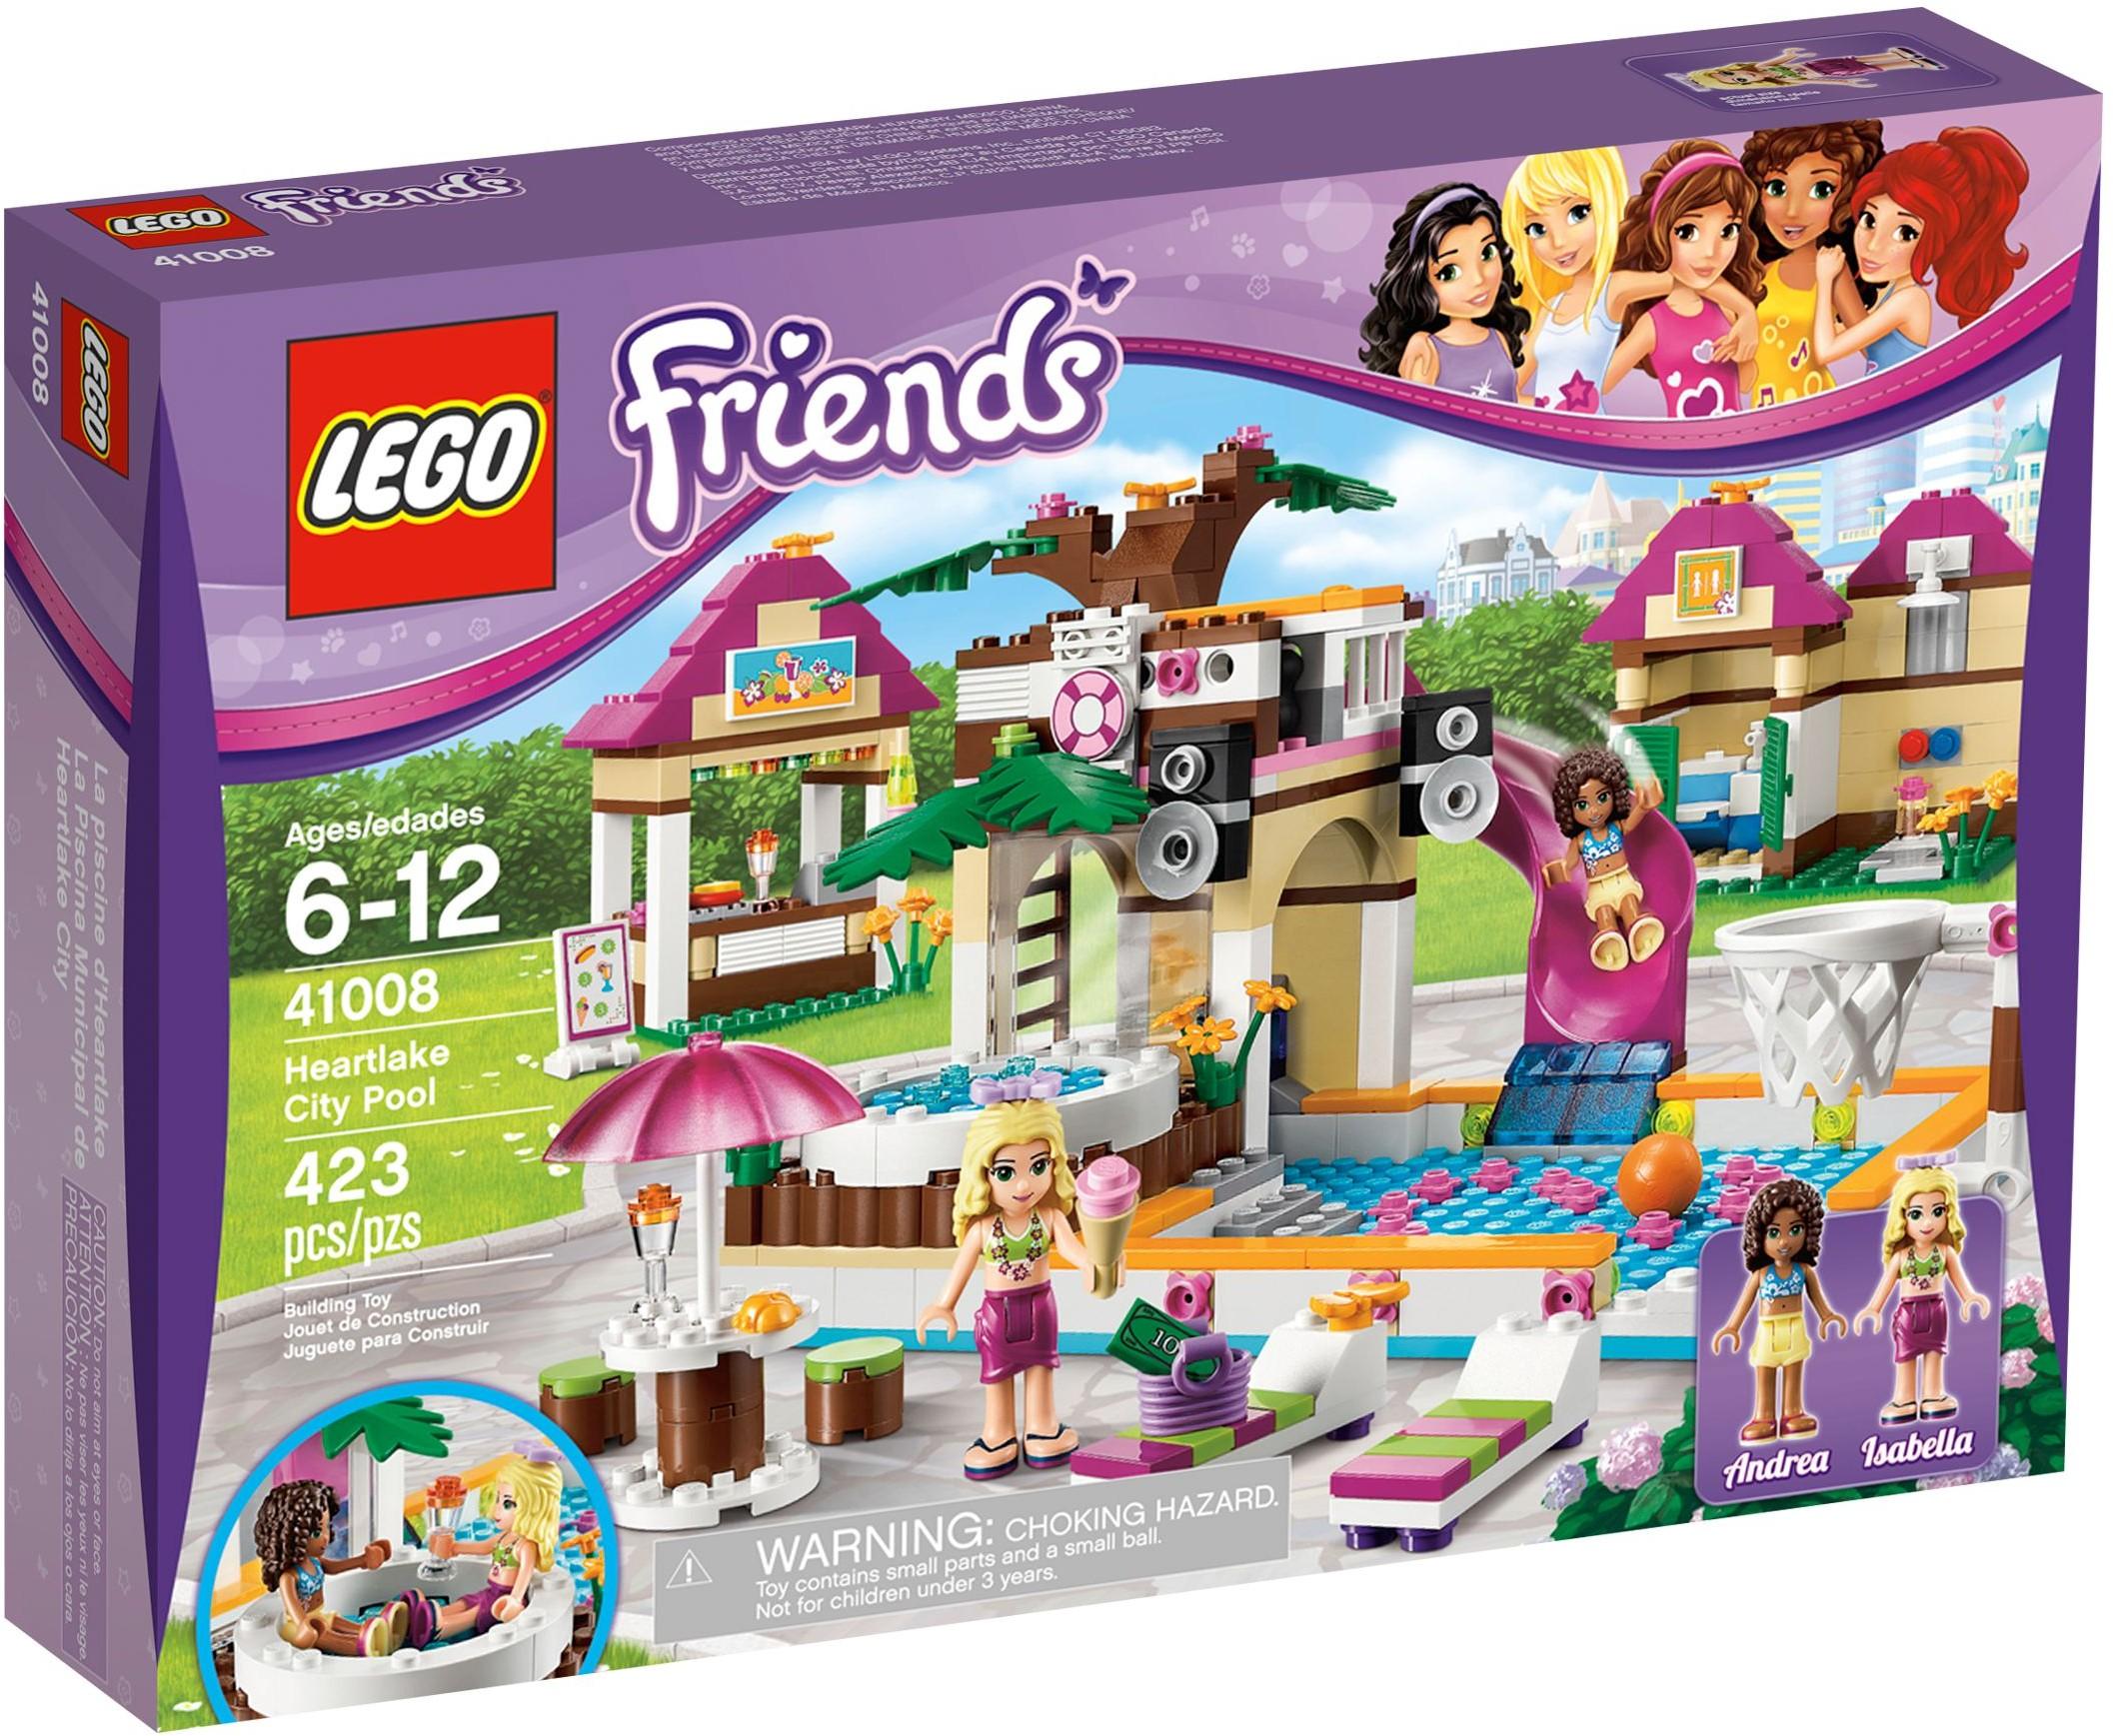 Lego Friends 41008 Pas Cher La Piscine D Heartlake City